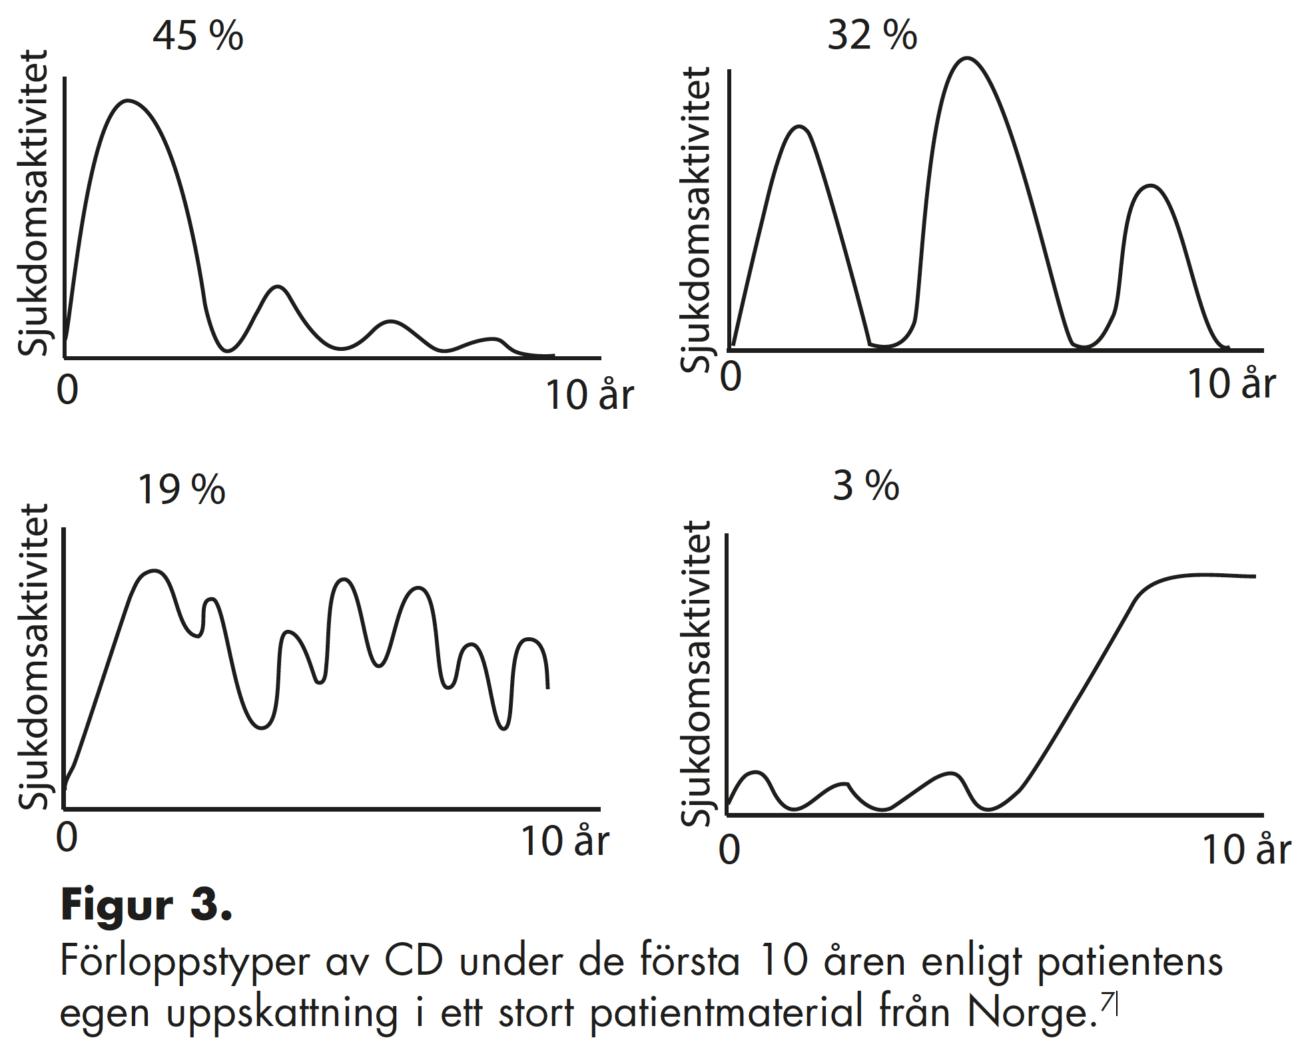 Figur 3. Förloppstyper av CD under de första 10 åren enligt patientens egen uppskattning i ett stort patientmaterial från Norge.7